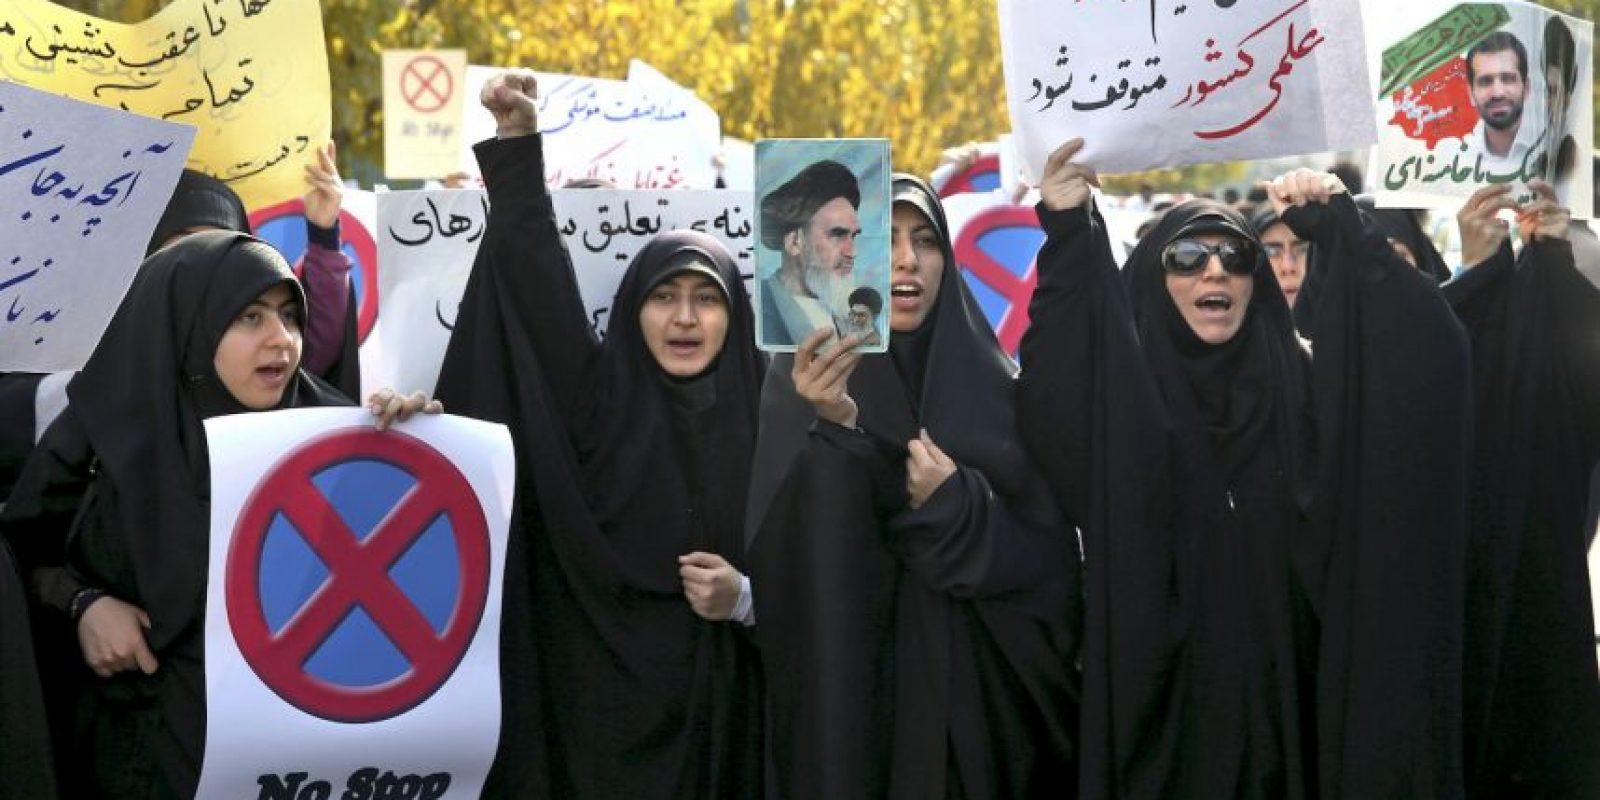 En Teherán, estudiantes iraníes coreaban consignas para mostrar su apoyo al programa nuclear de Irán. Foto:AP